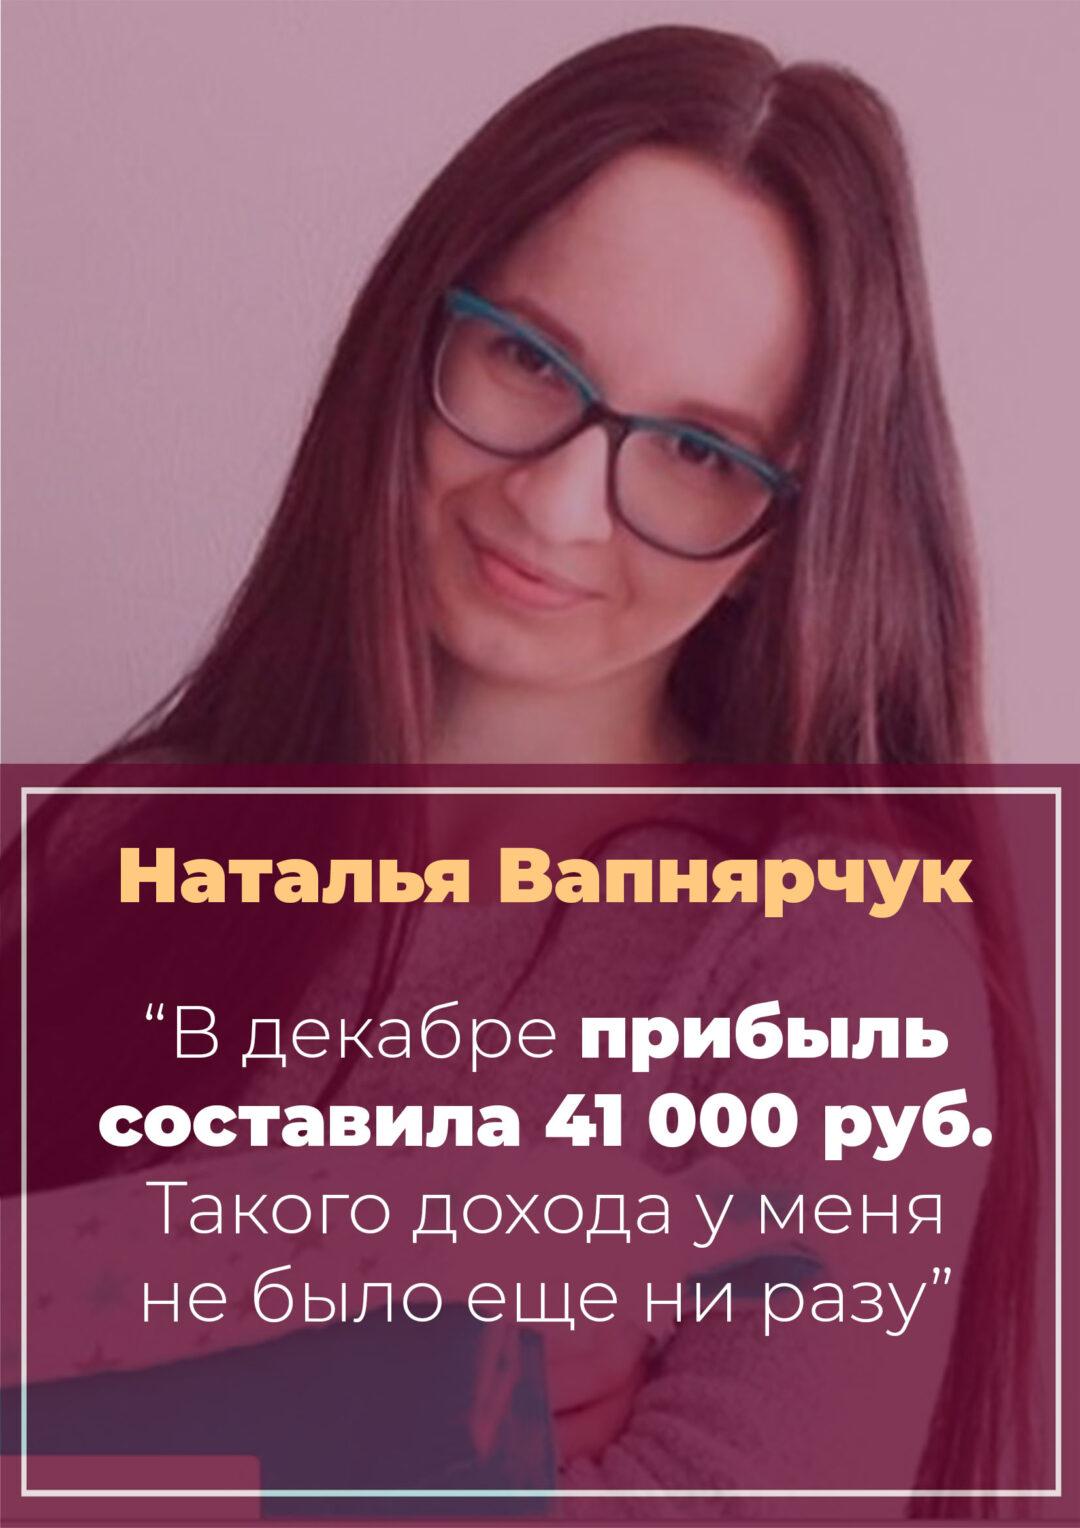 История Натальи Вапнярчук